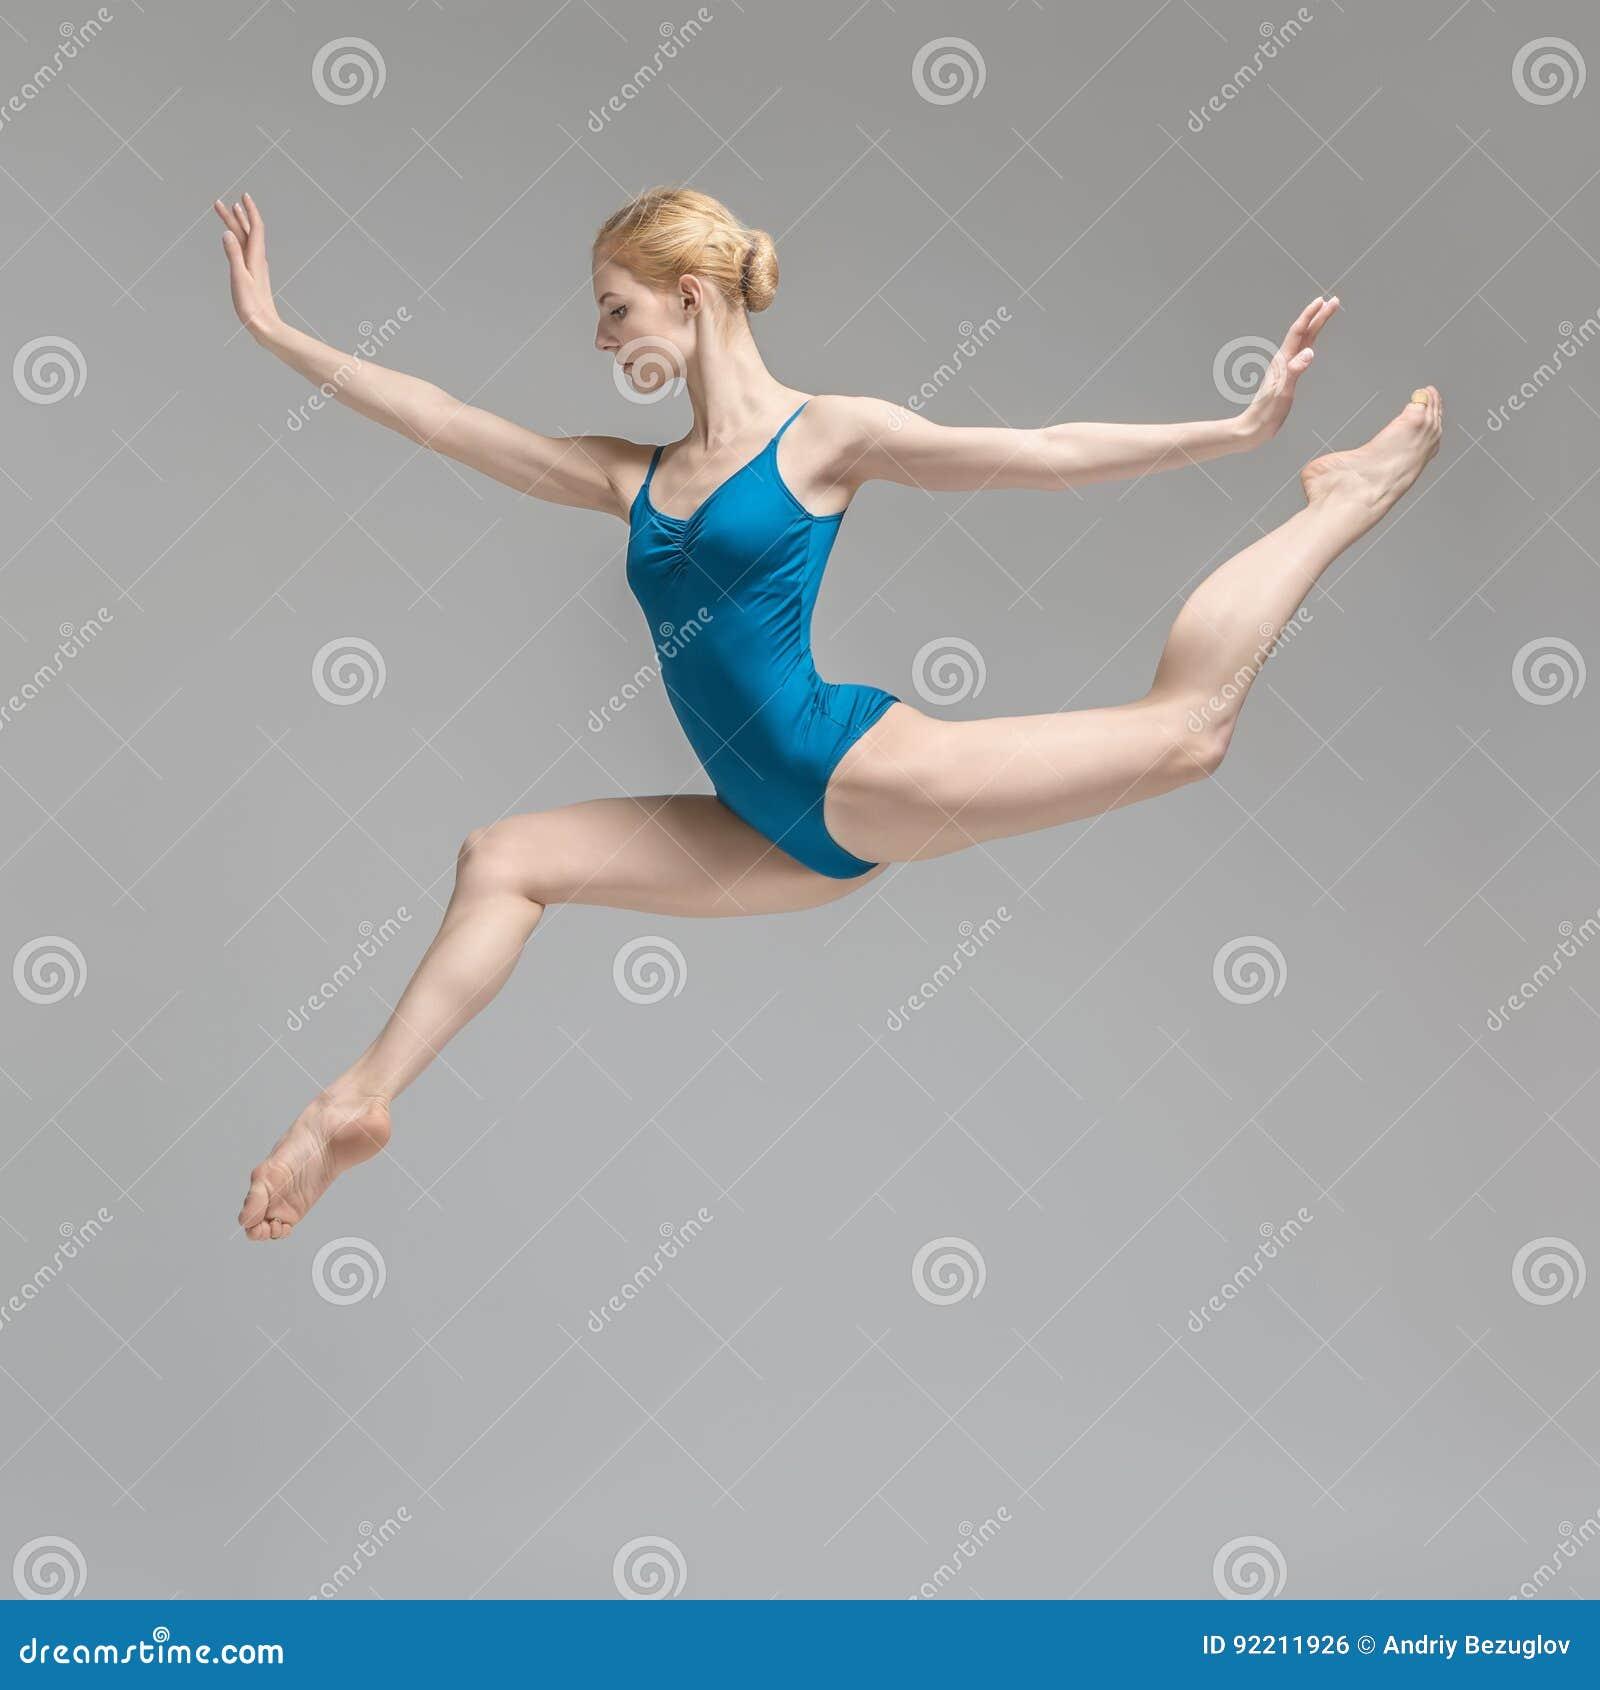 Ballerine posant dans le saut